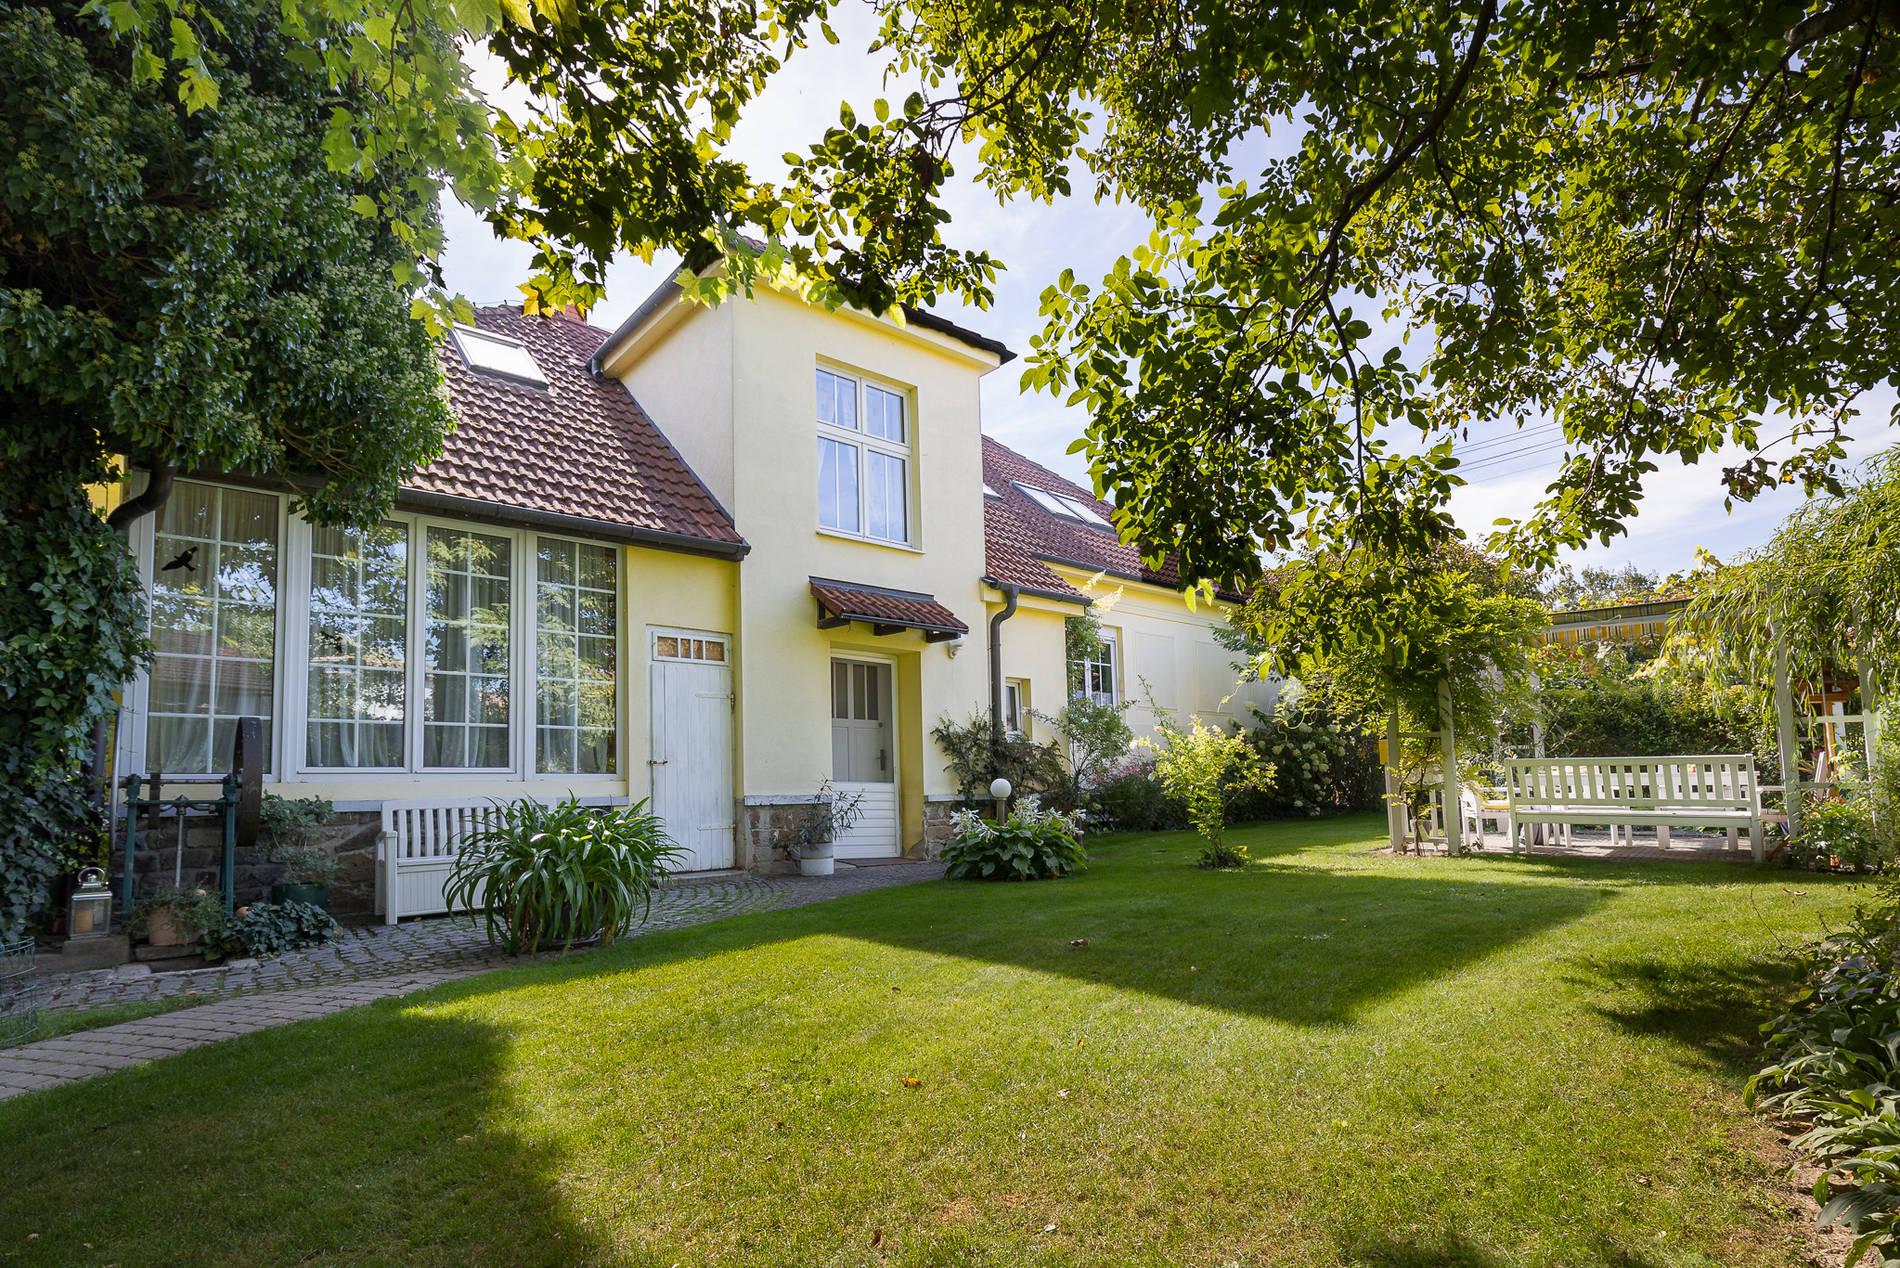 Vila z první republiky + dům v zahradě